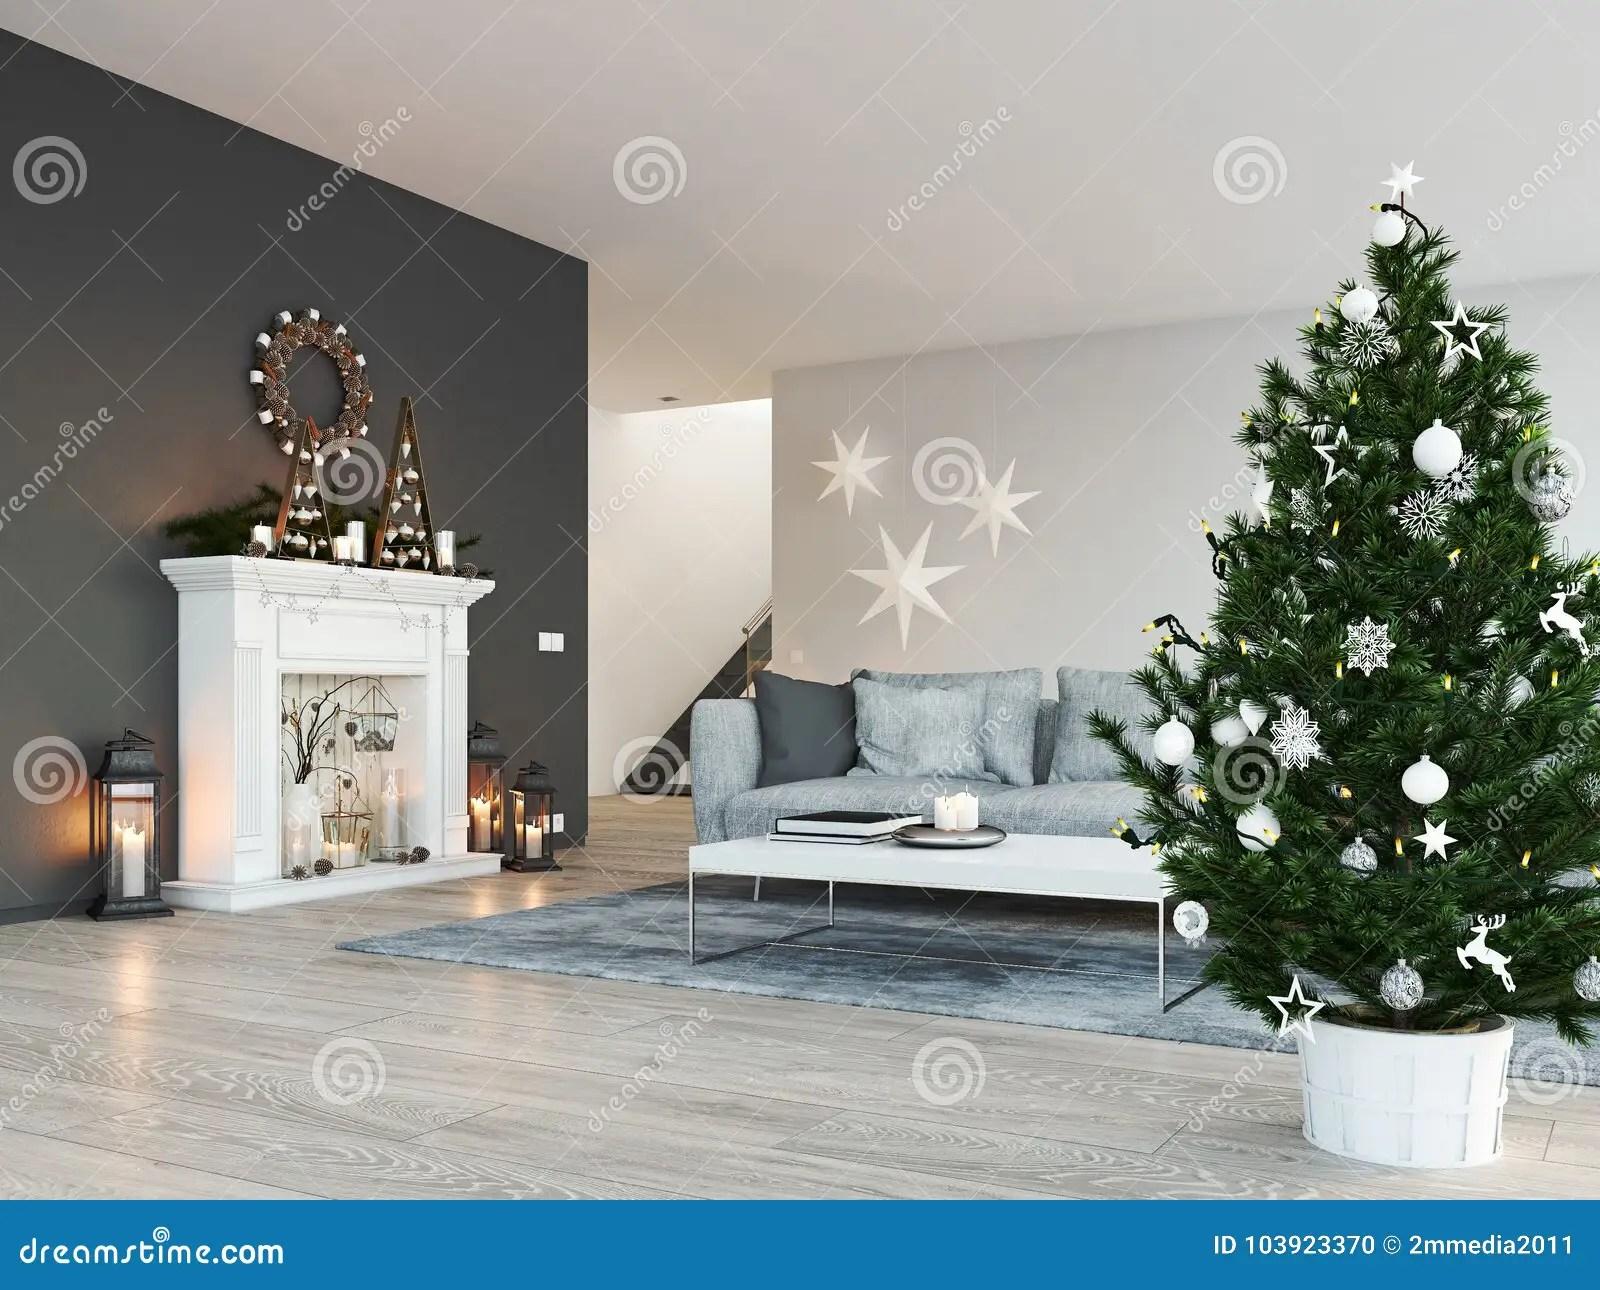 Decoration Moderne De Noel